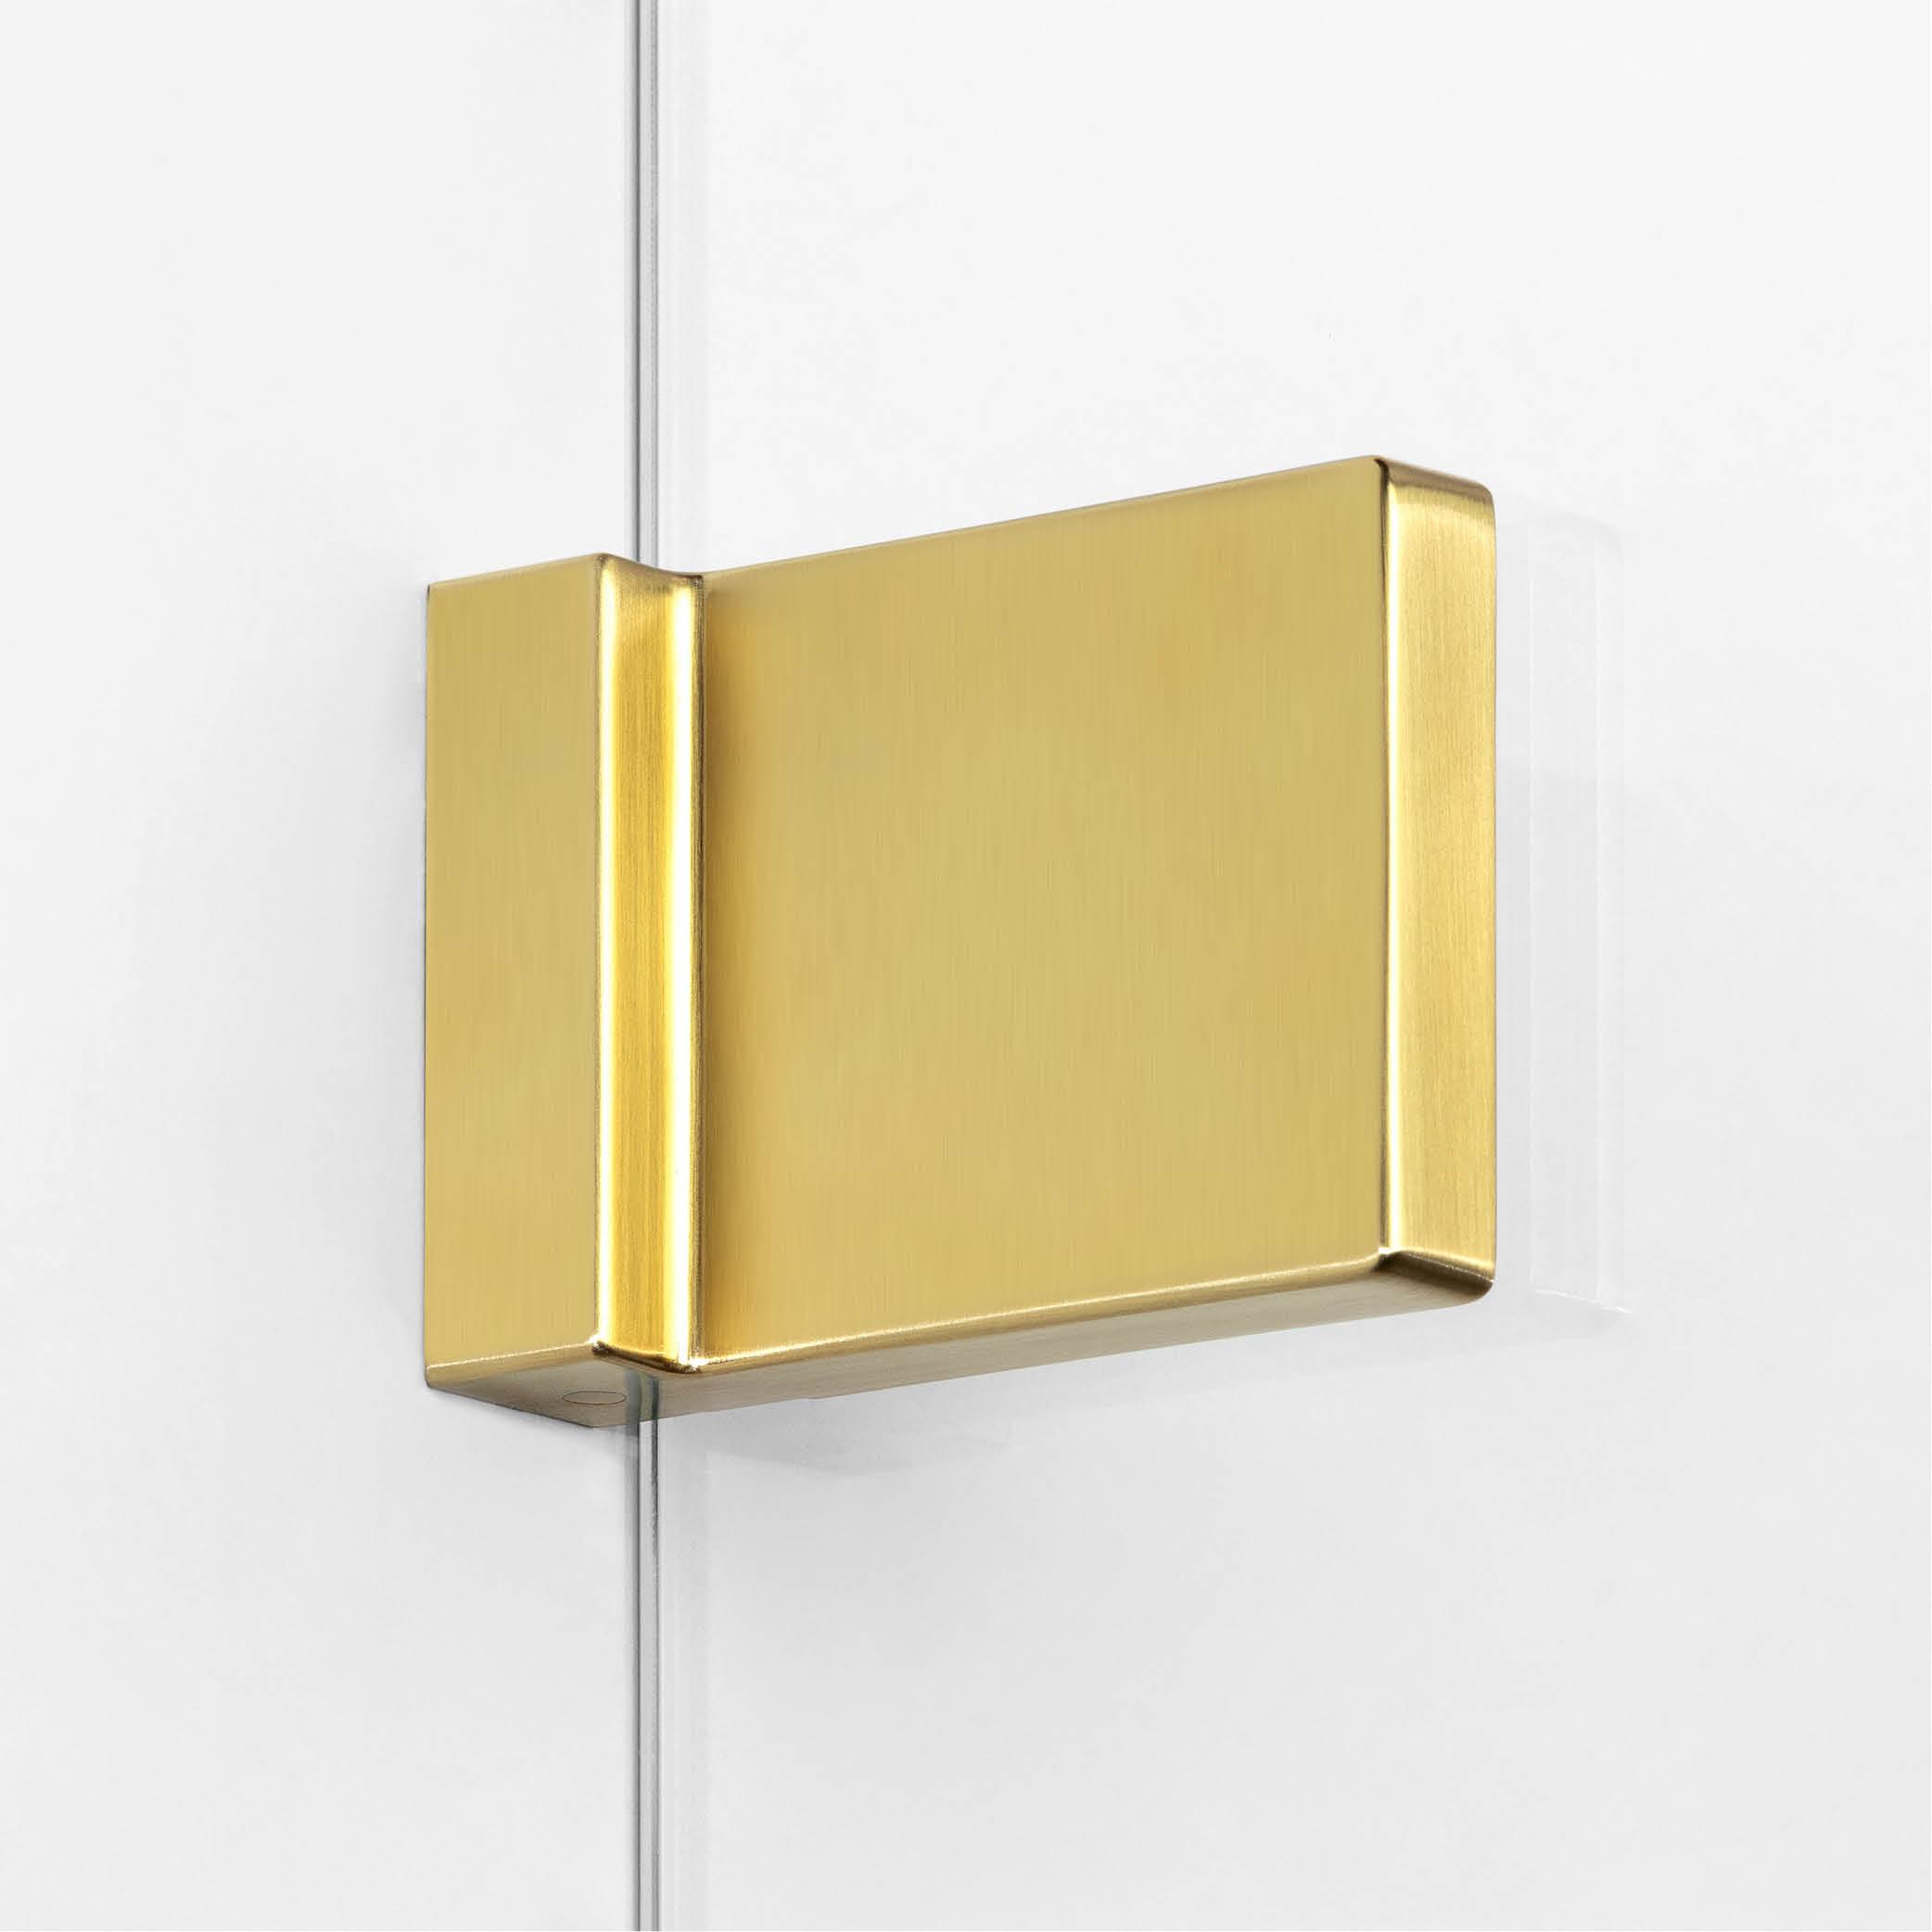 Elementy wykończeniowe złotego parawanu nawannowego.